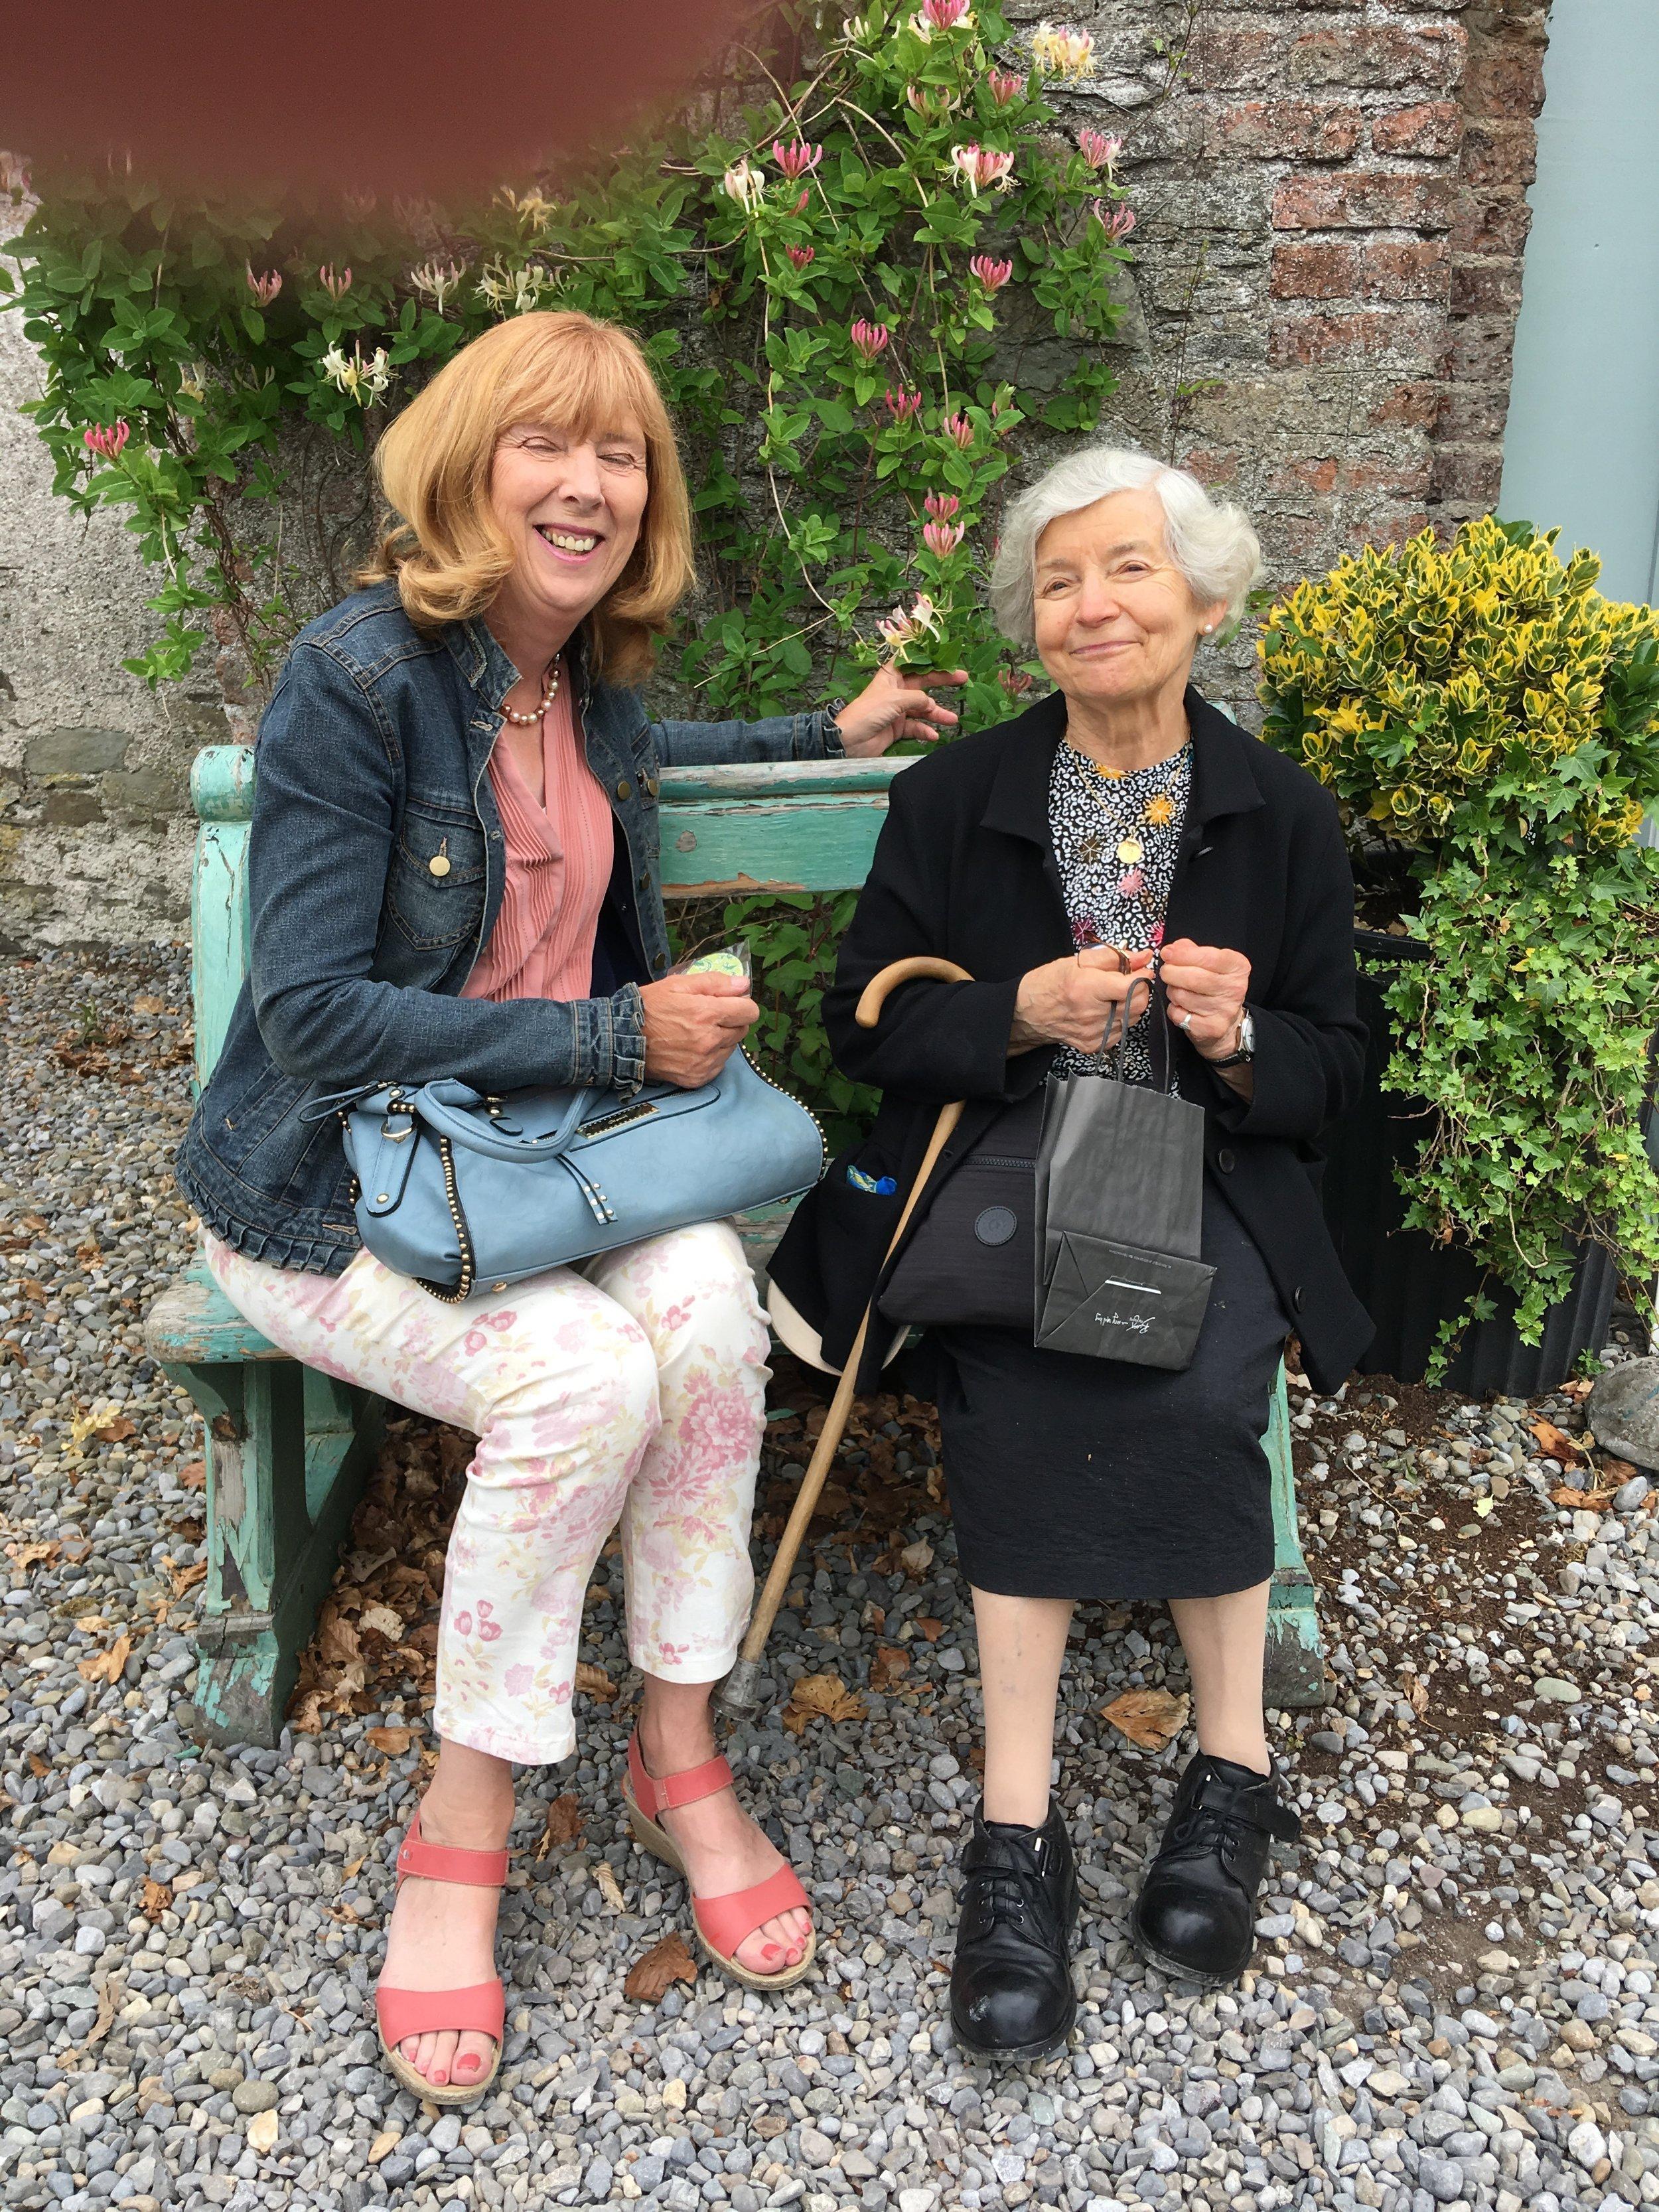 Niamh and Bernadette enjoy a quiet moment in the garden